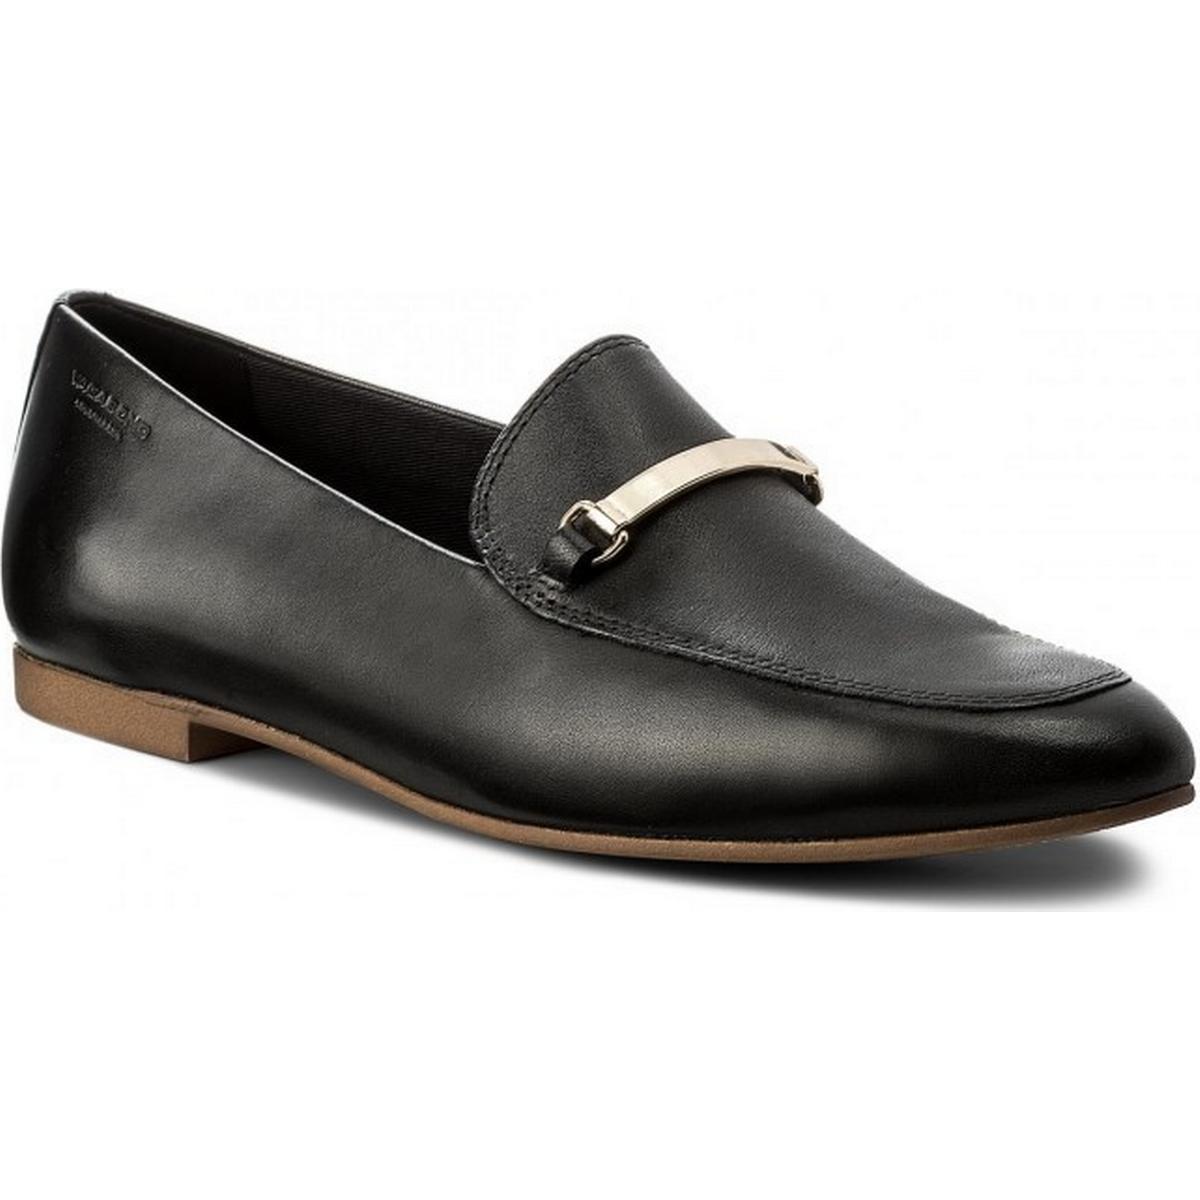 52135baf792 Vagabond Loafers - Sammenlign priser hos PriceRunner